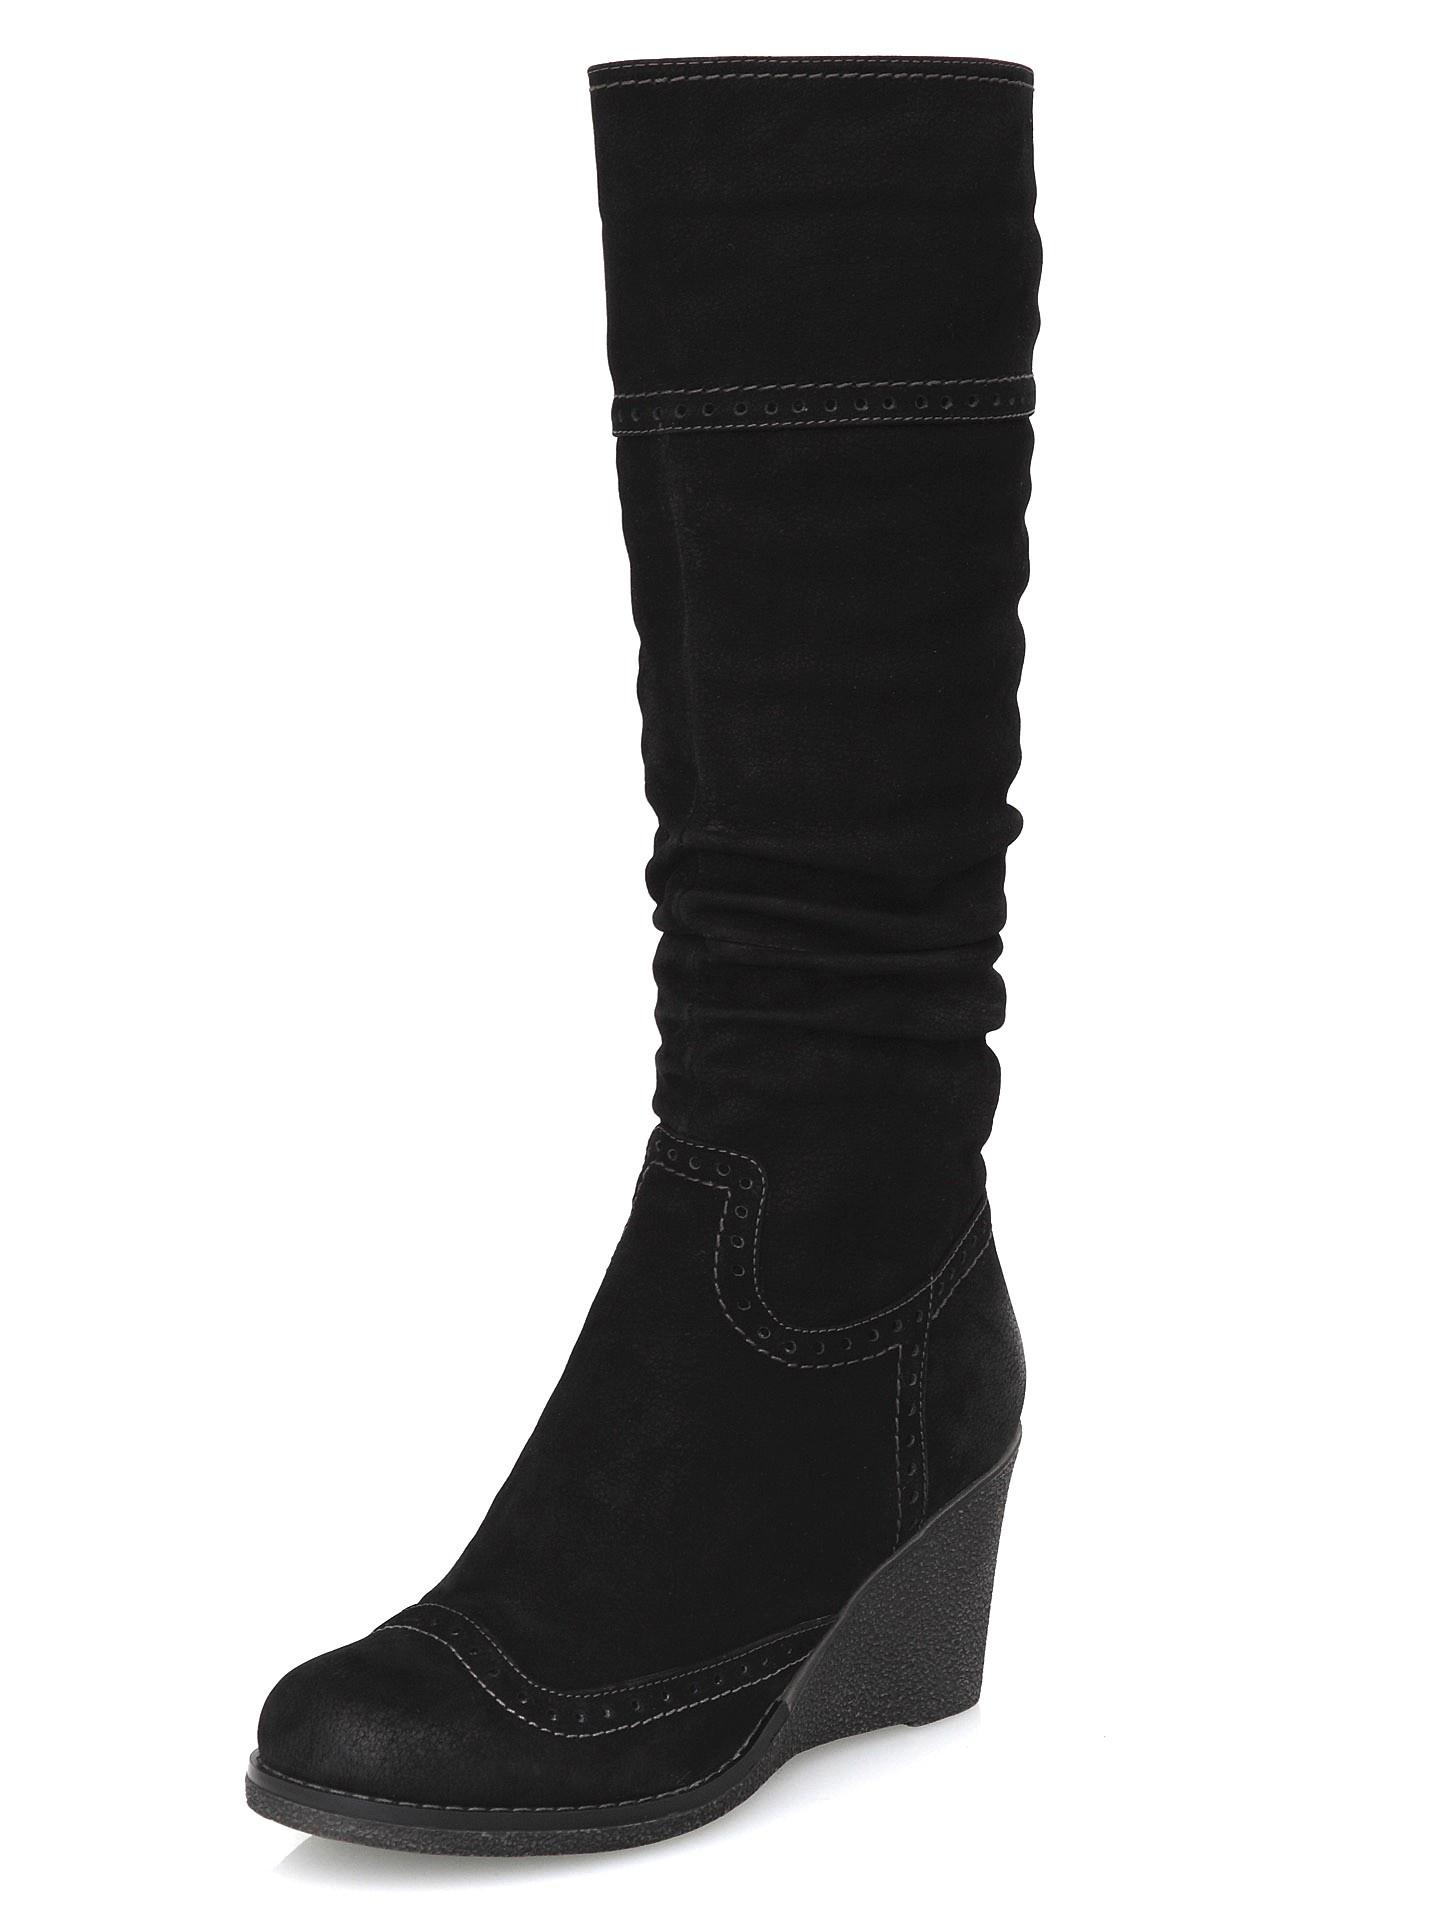 Сапоги San Marko сапоги женские marko цвет черный 19478 размер 39